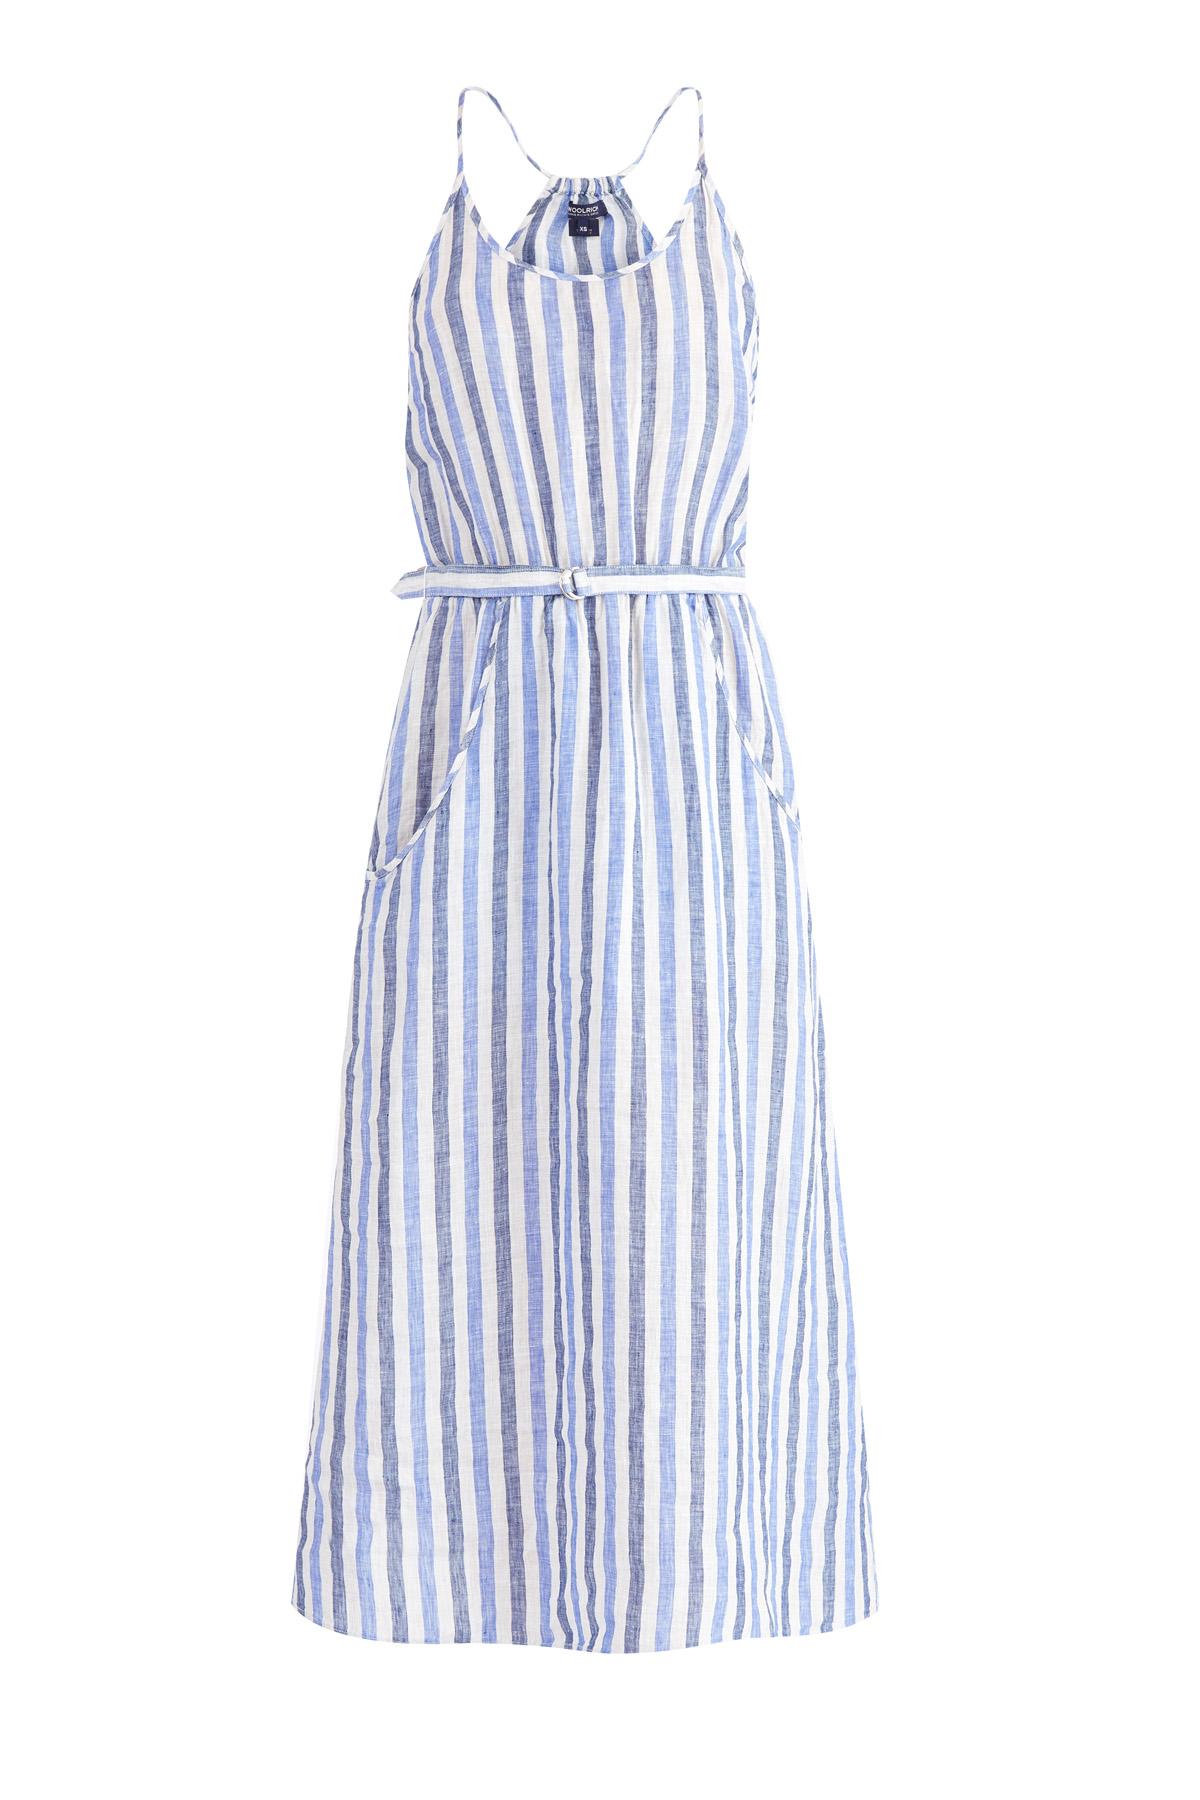 Купить Платье, WOOLRICH, Италия, лен 100%